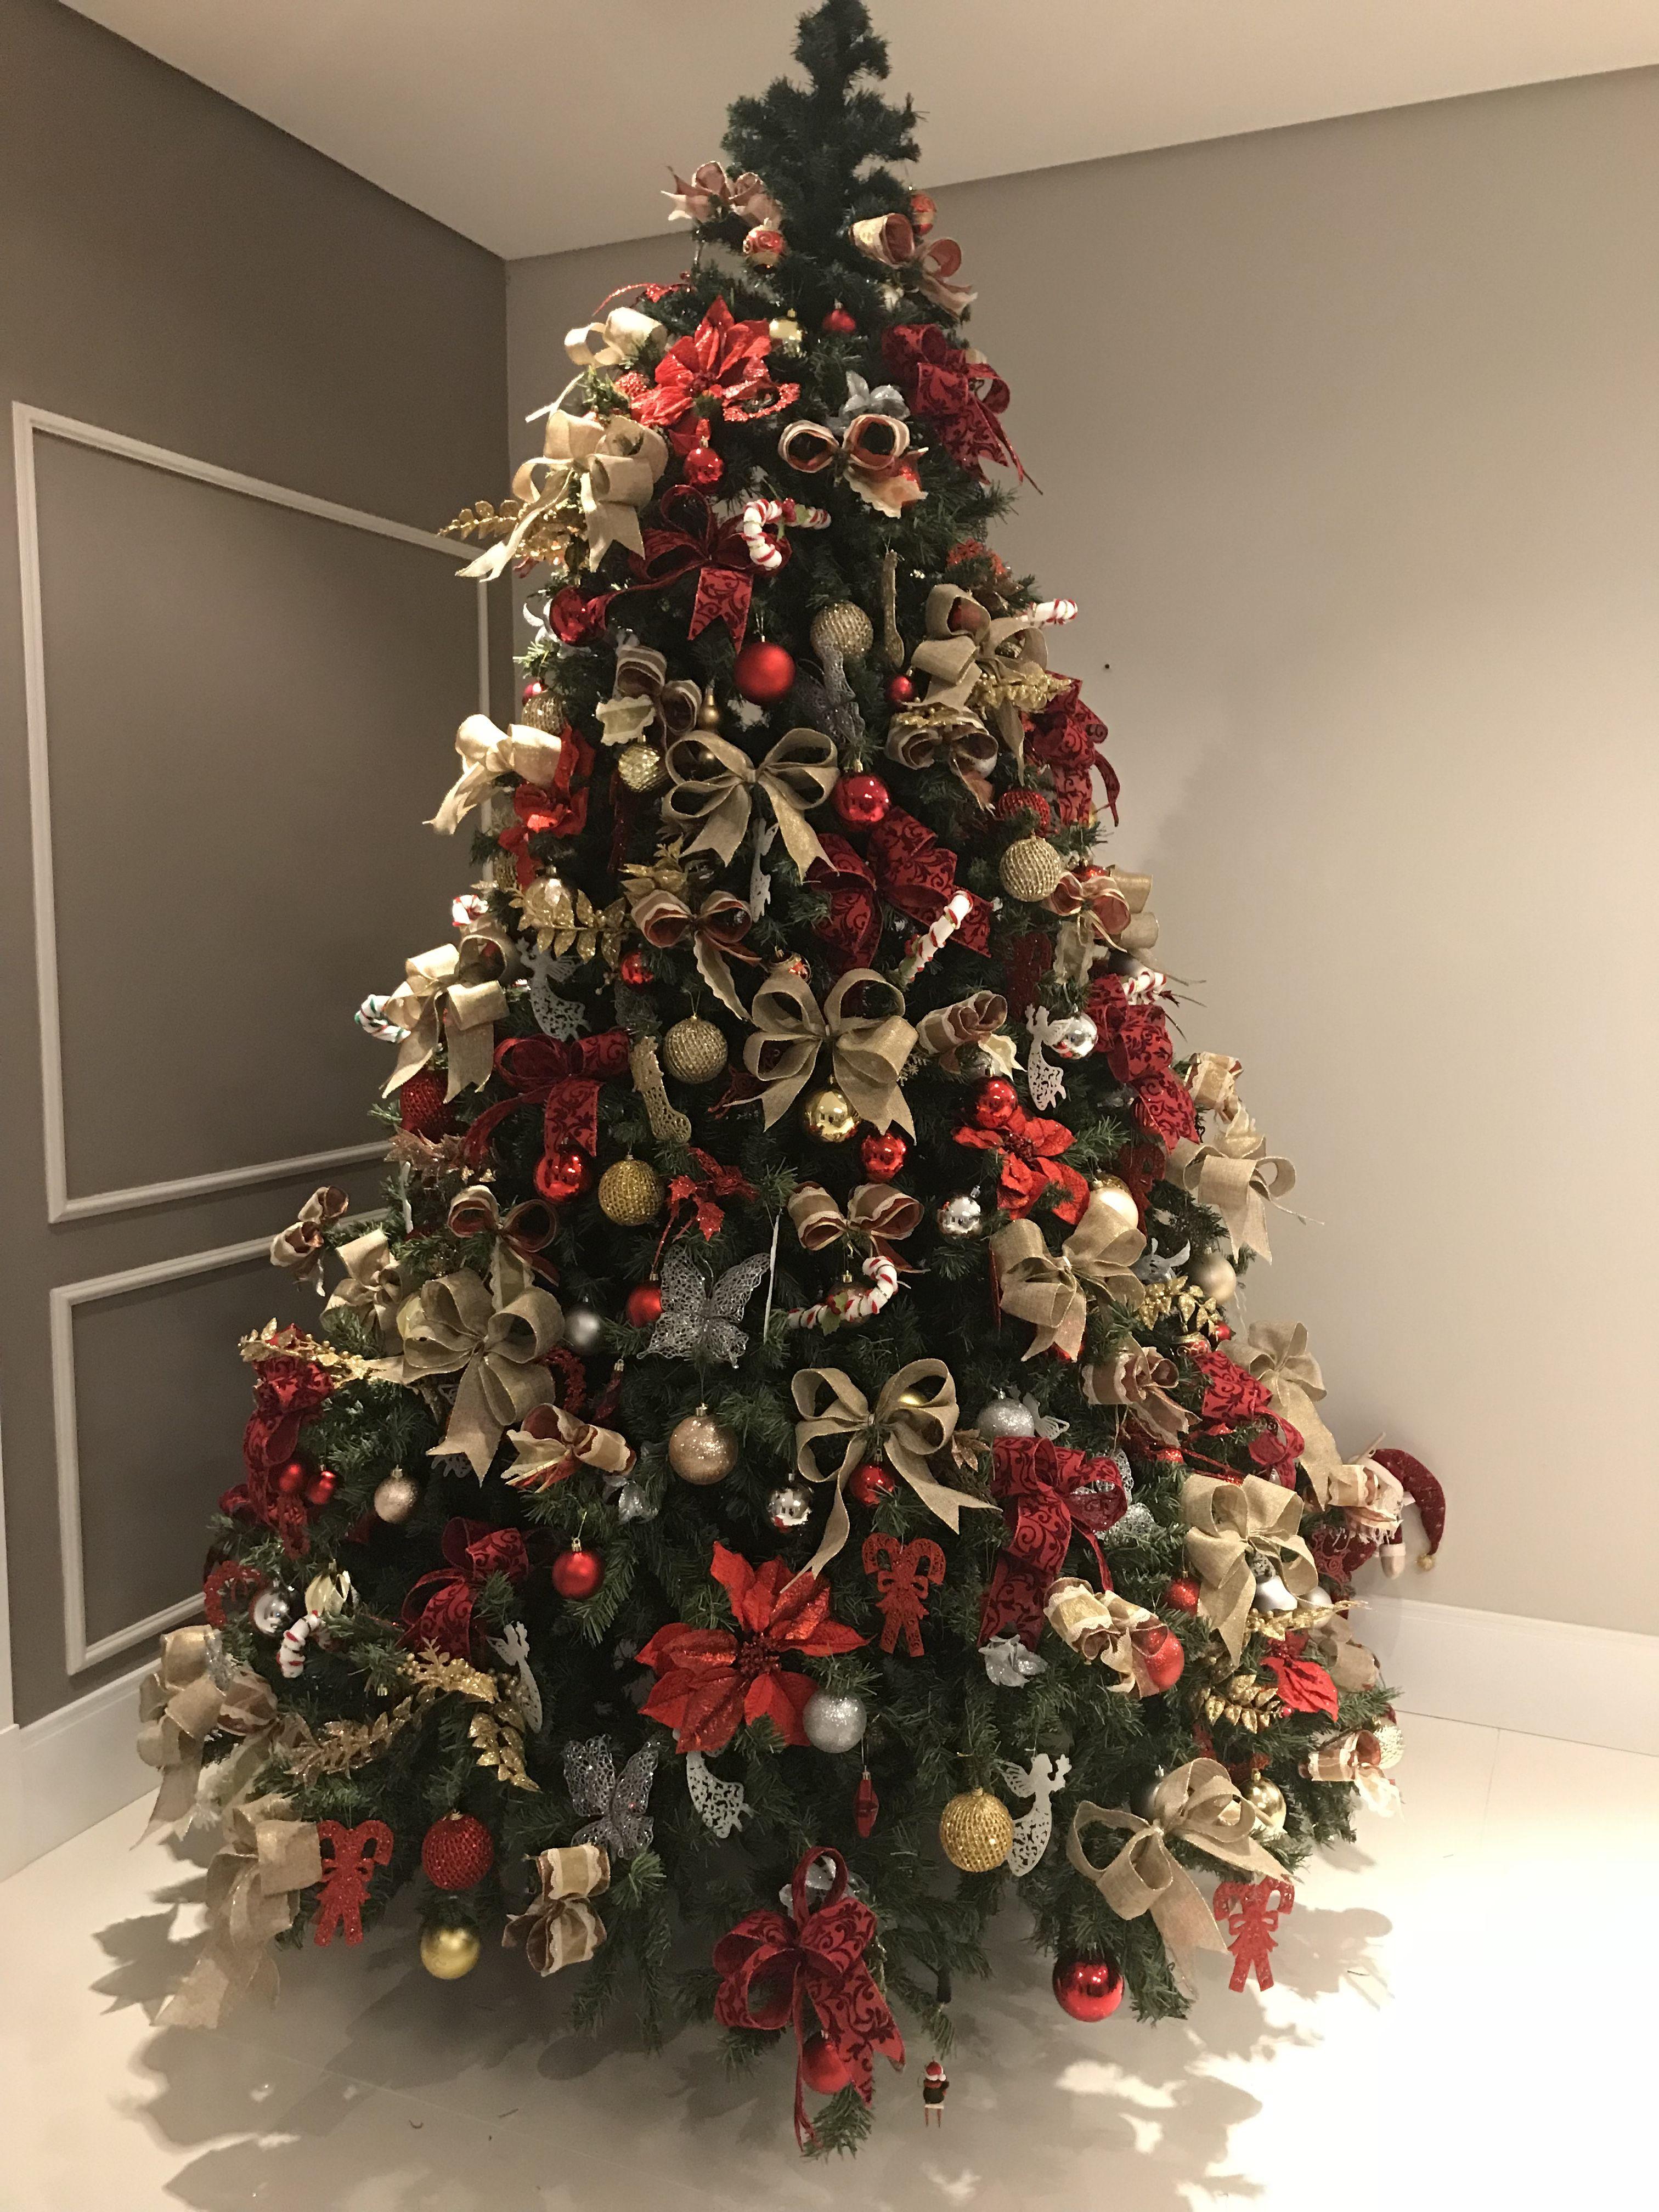 Arvore De Natal Vermelha Dourada E Prata Arvore De Natal Dourada